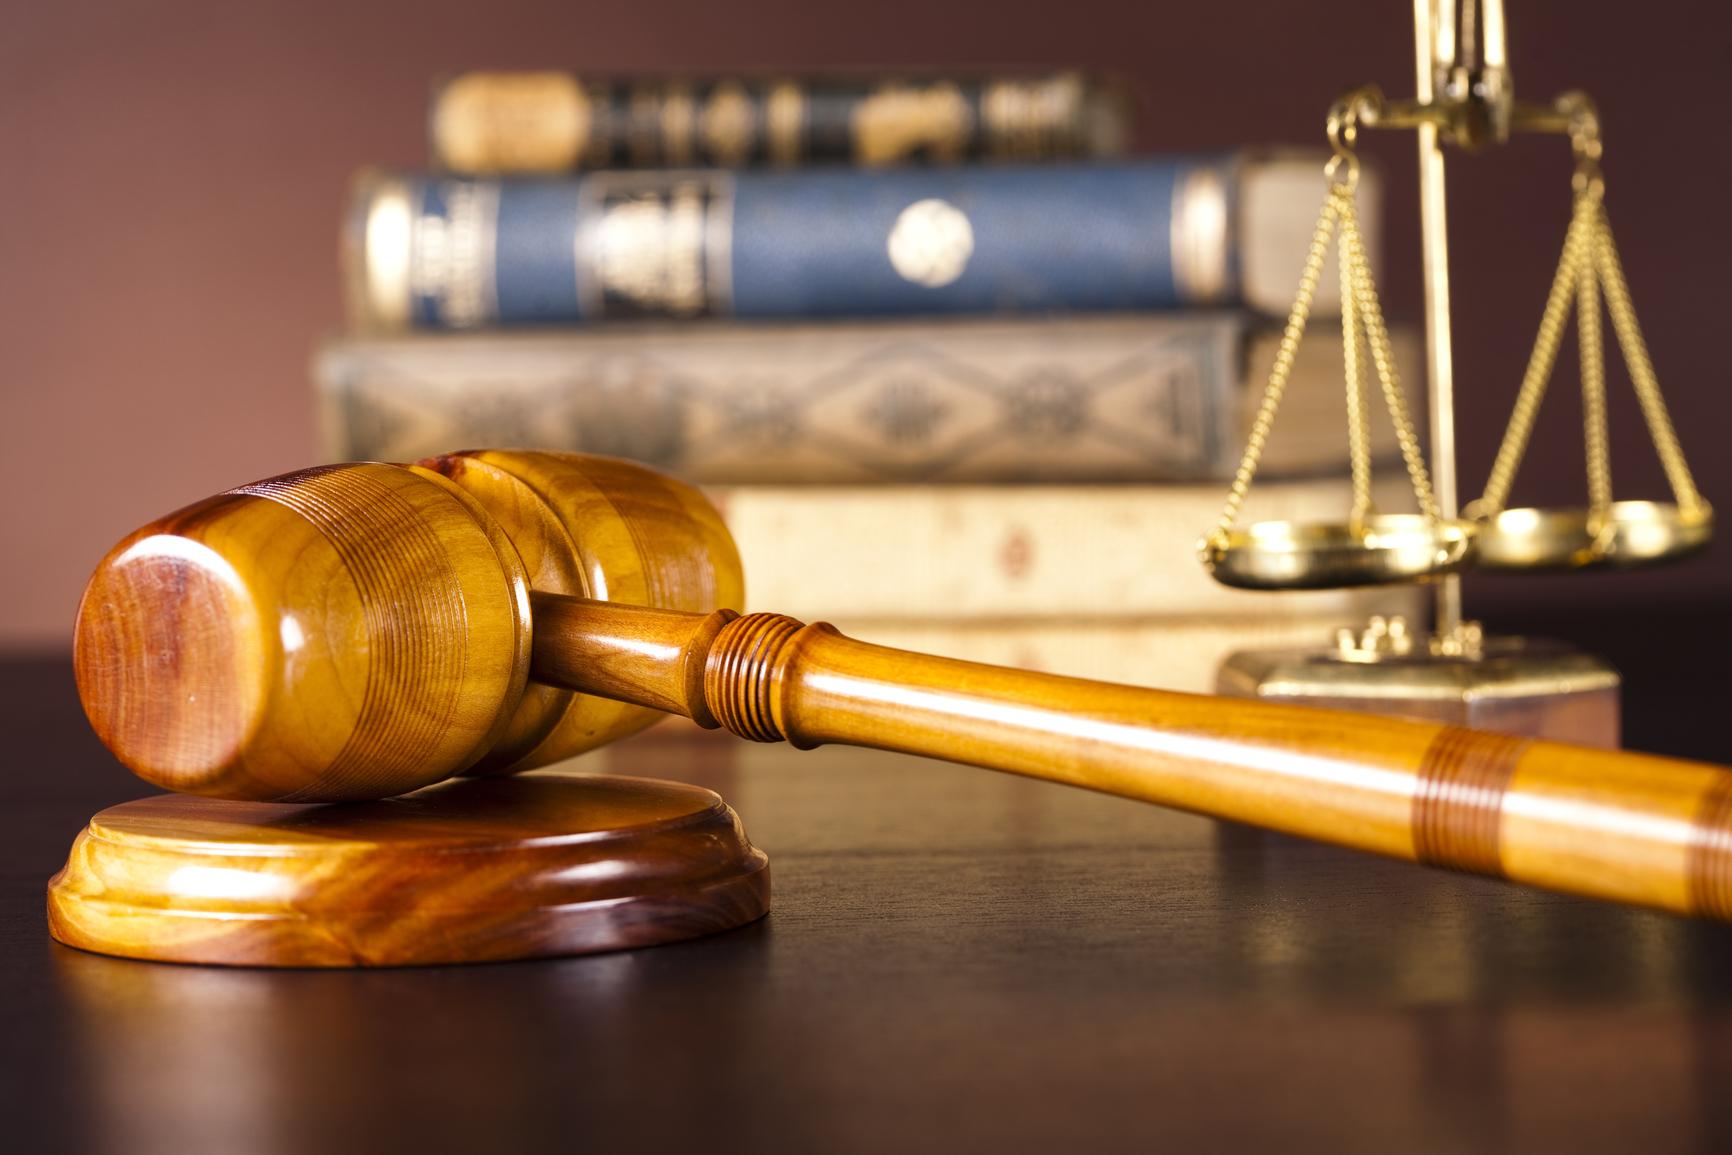 Tranh chấp kinh doanh, thương mại: Tòa án nào có thẩm quyền giải quyết?